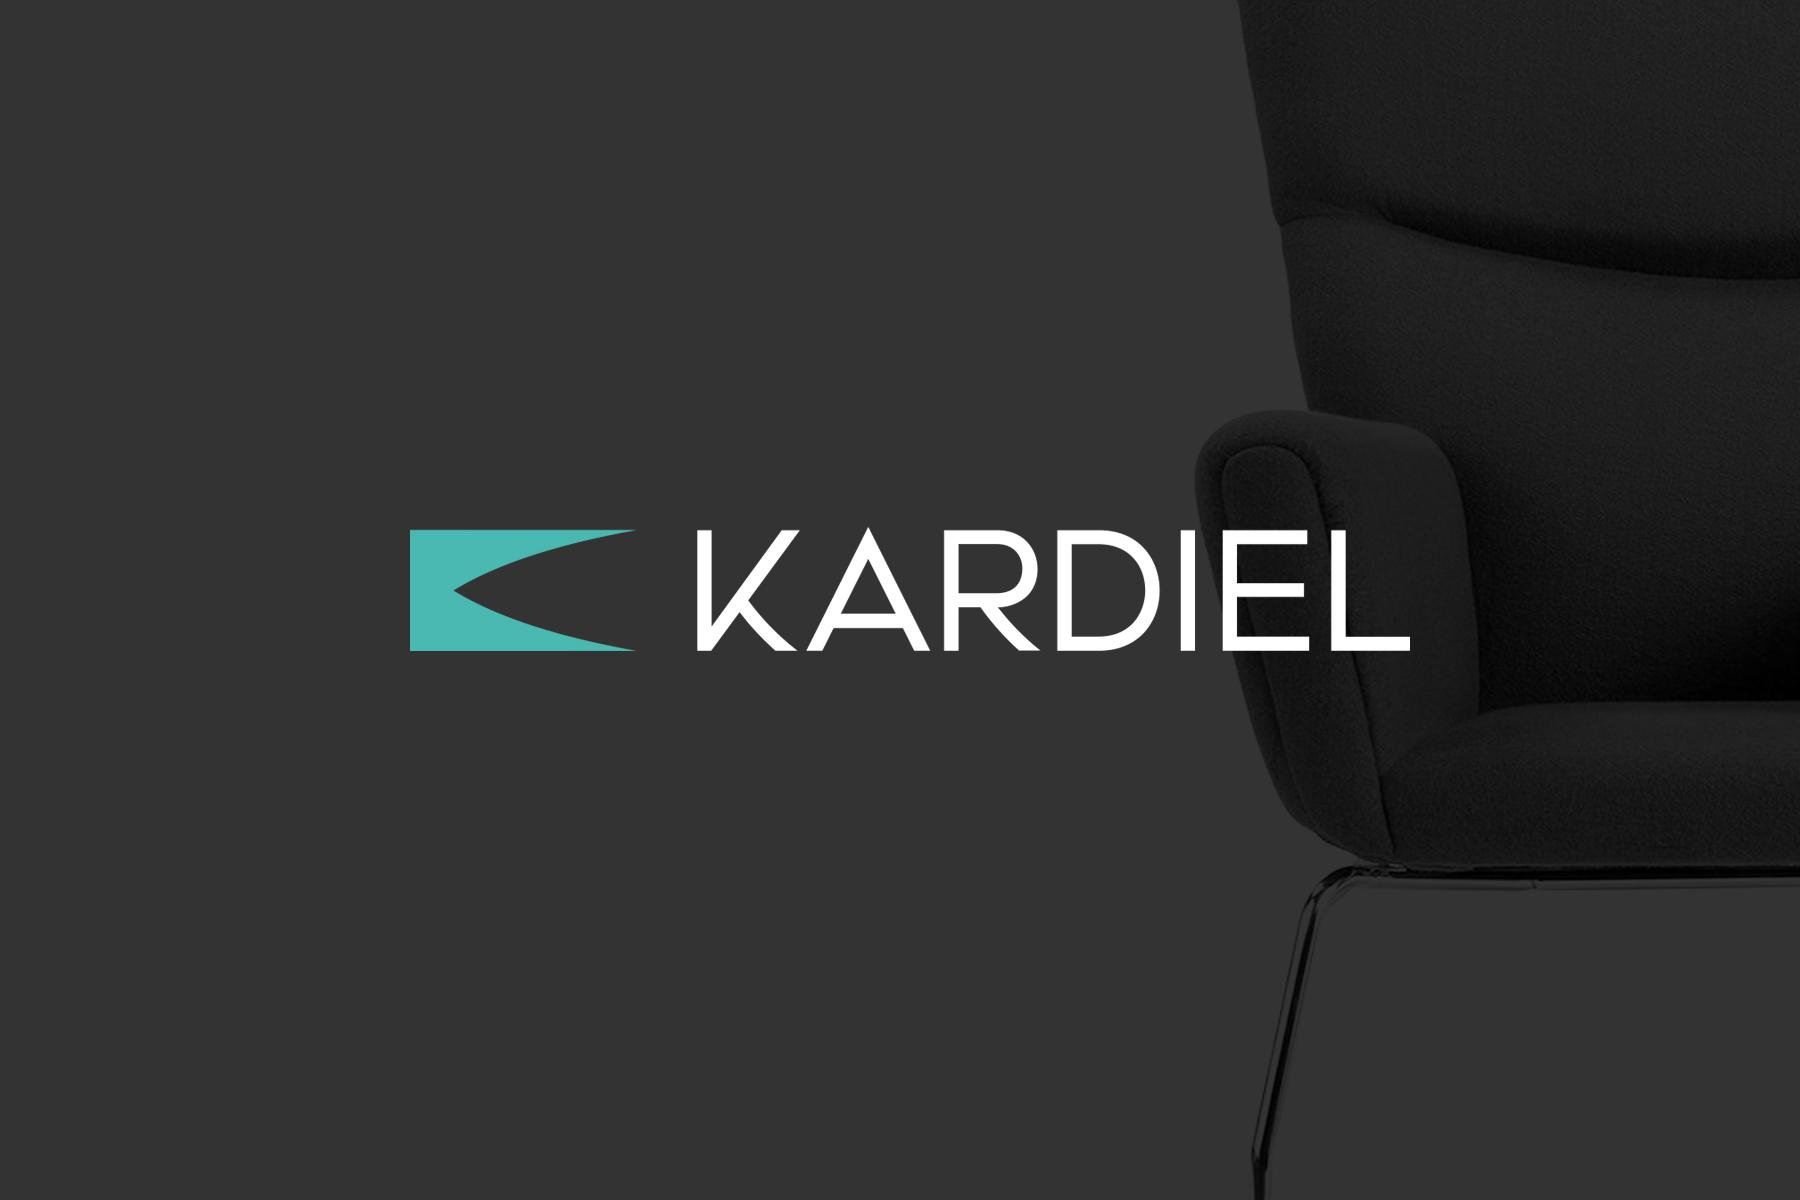 KARDIEL_7.jpg